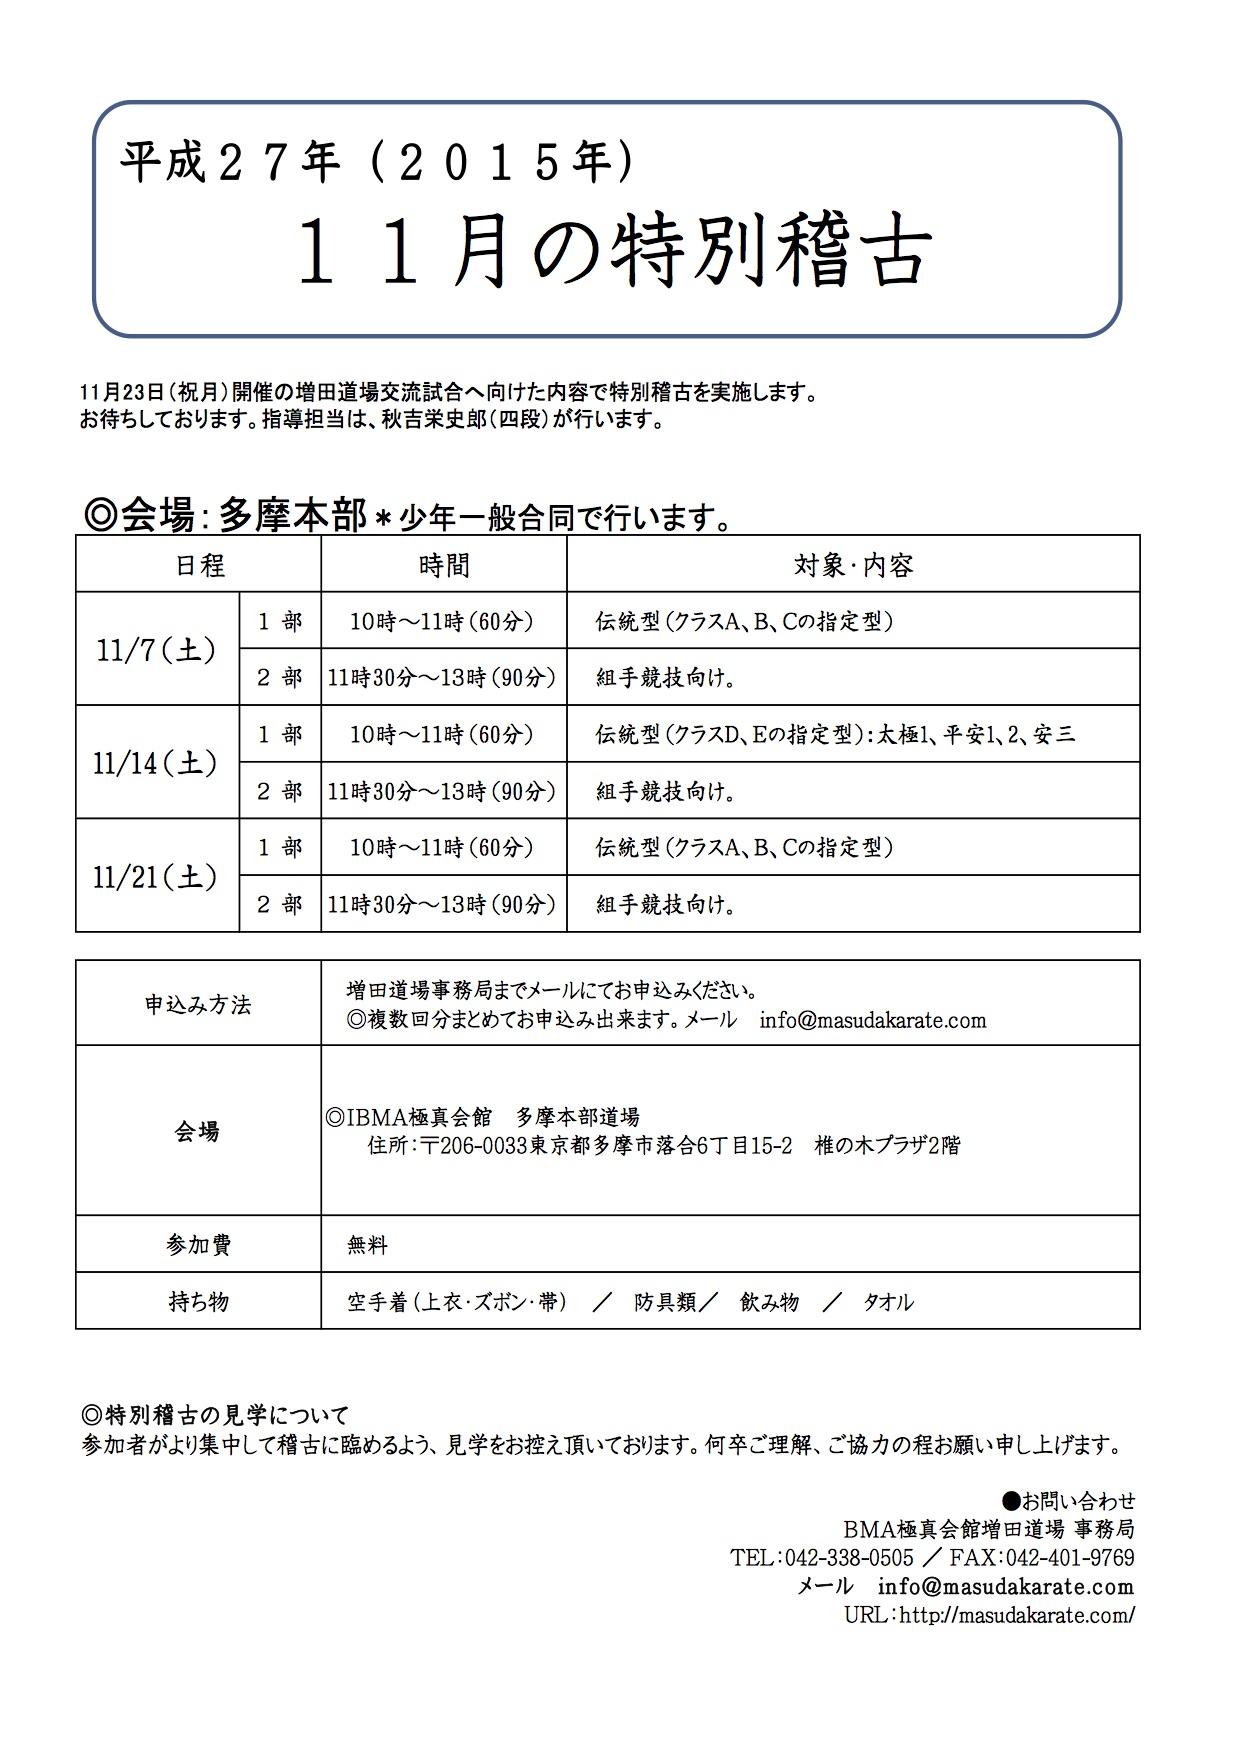 2015:10/27 11月 特別稽古 告知サイト